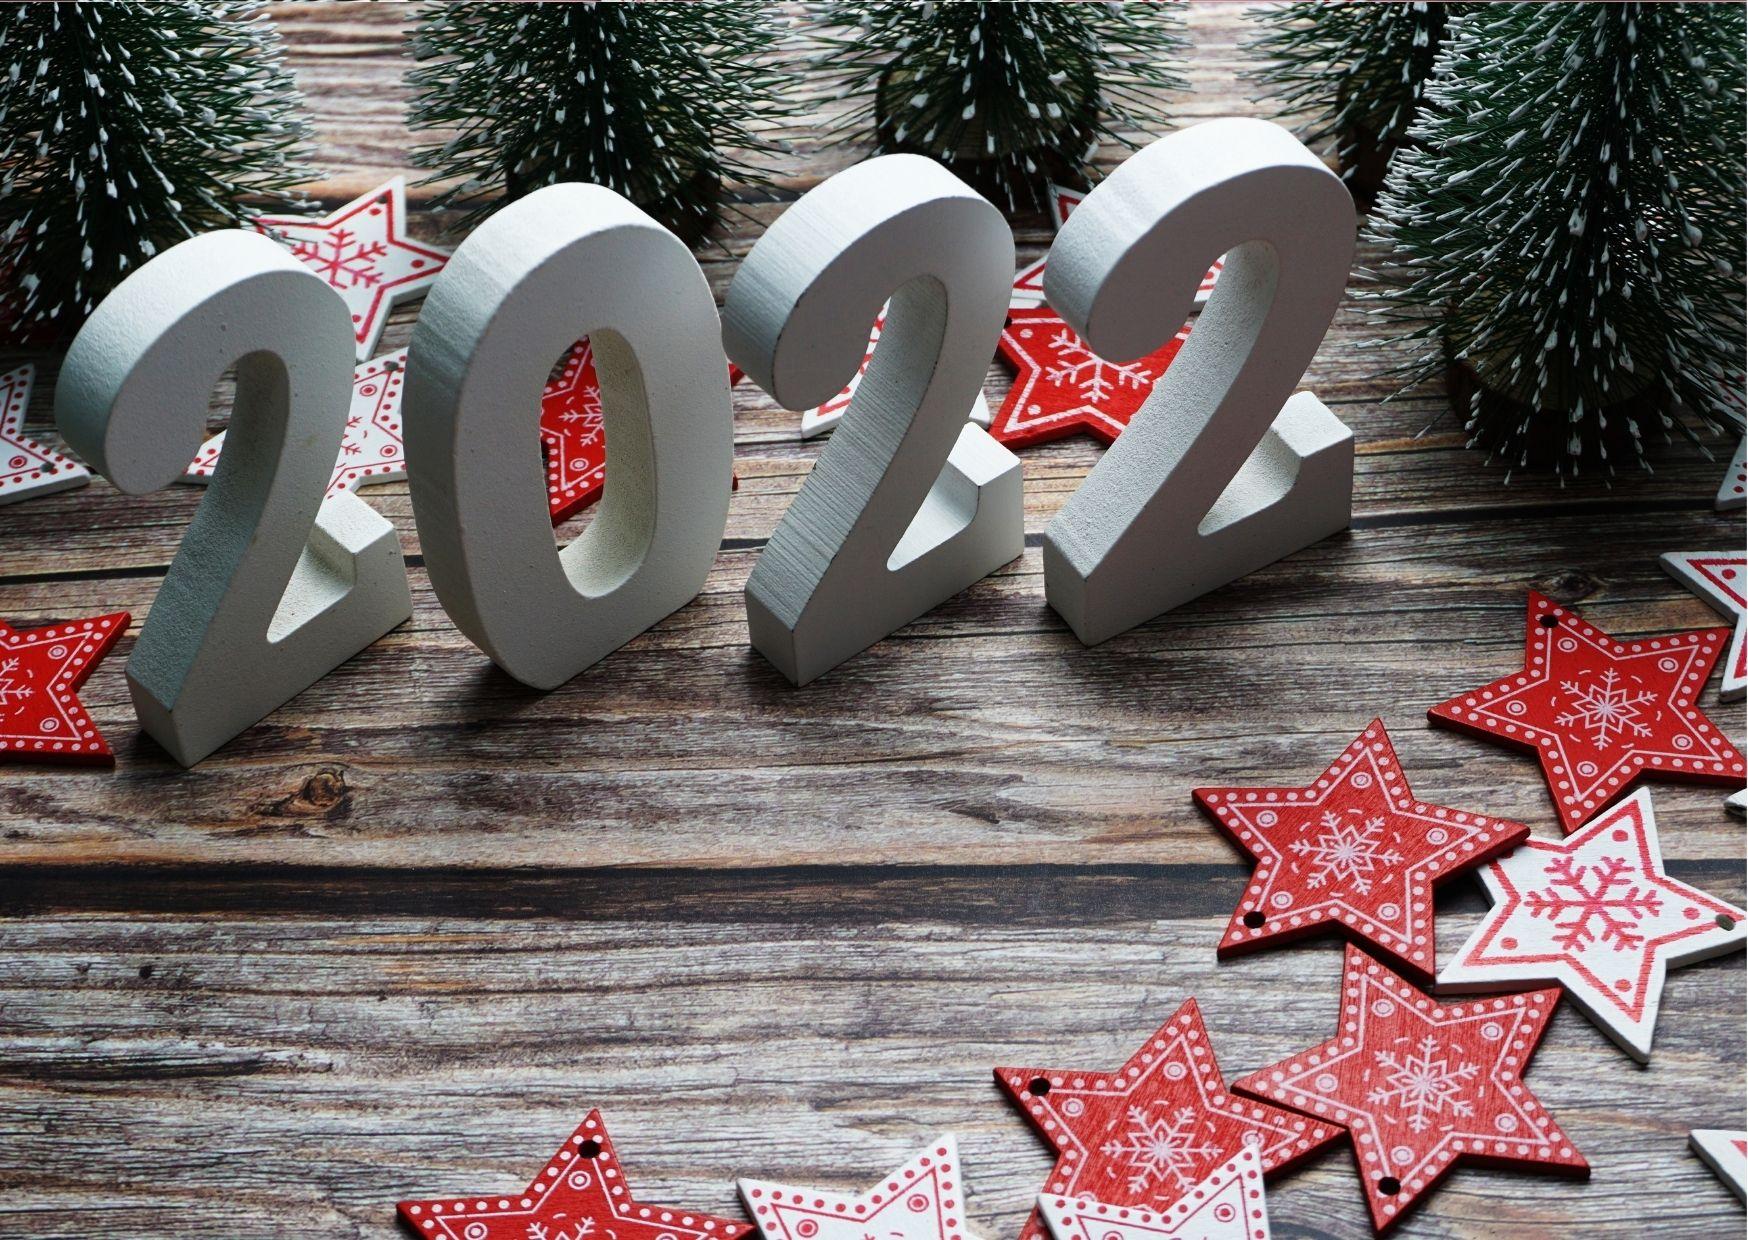 bonne année 2022 image